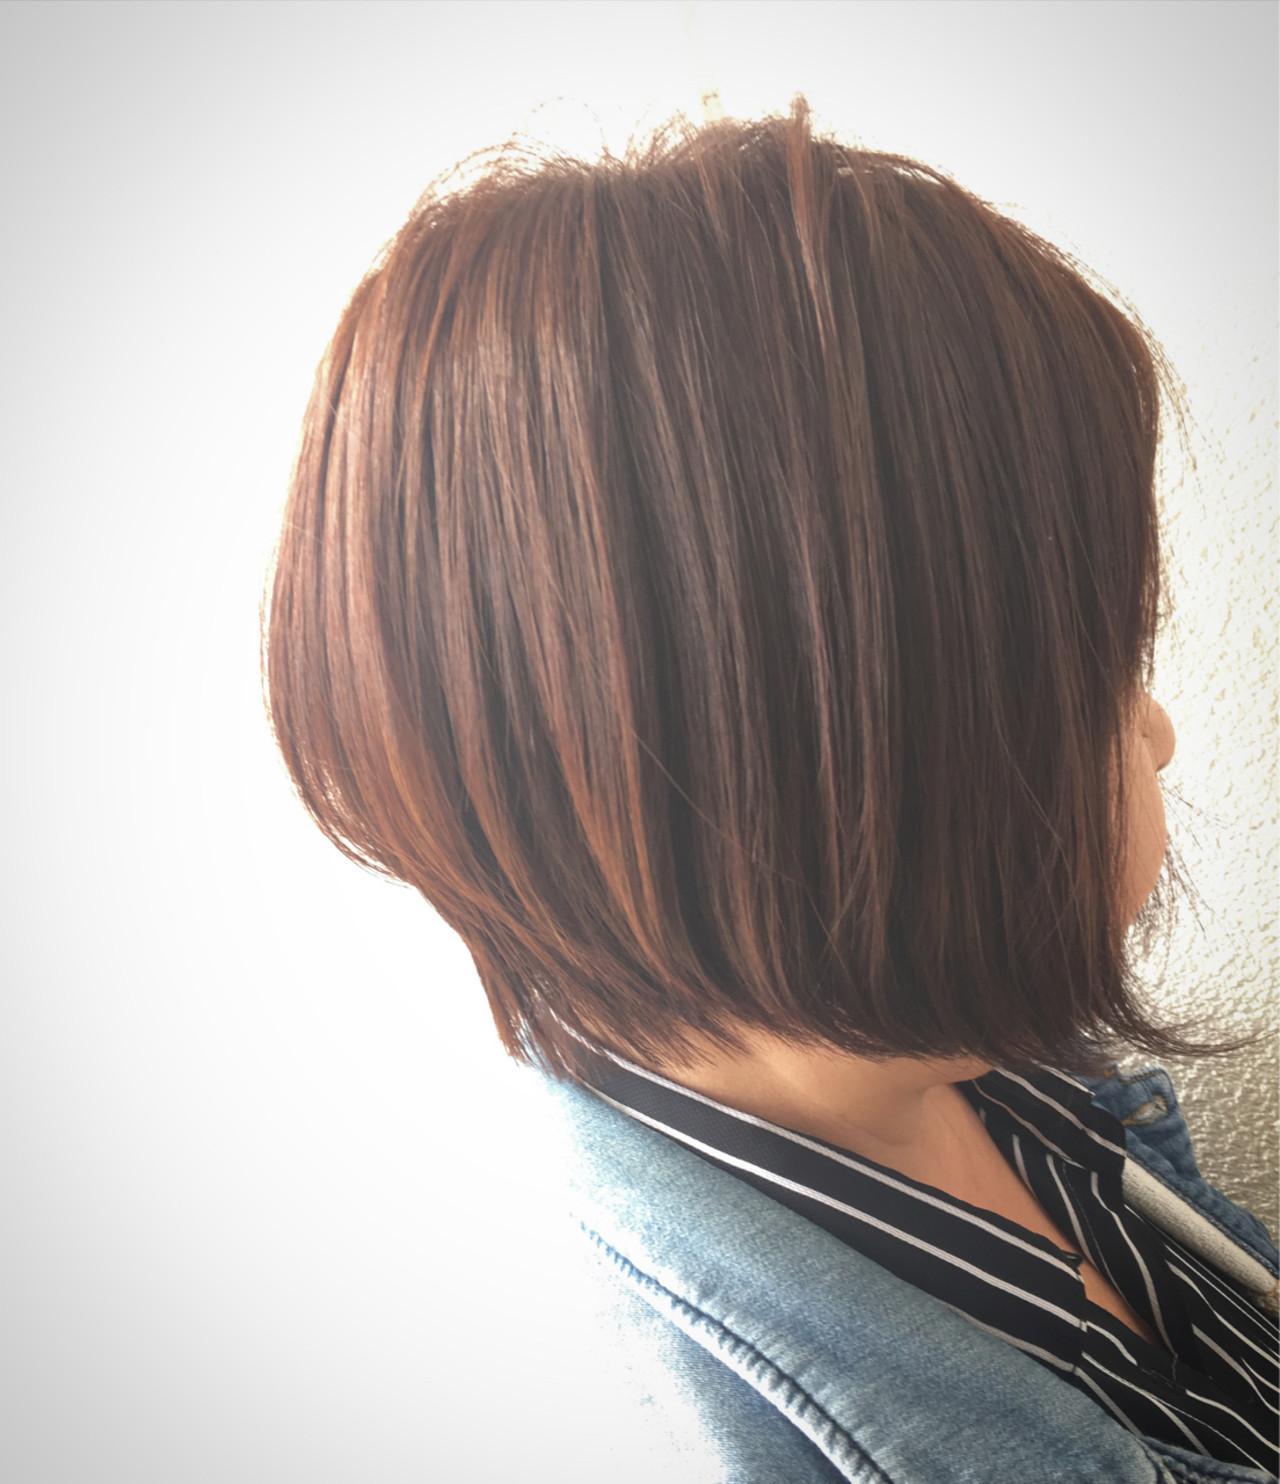 外国人風 前下がり 艶髪 ボブ ヘアスタイルや髪型の写真・画像